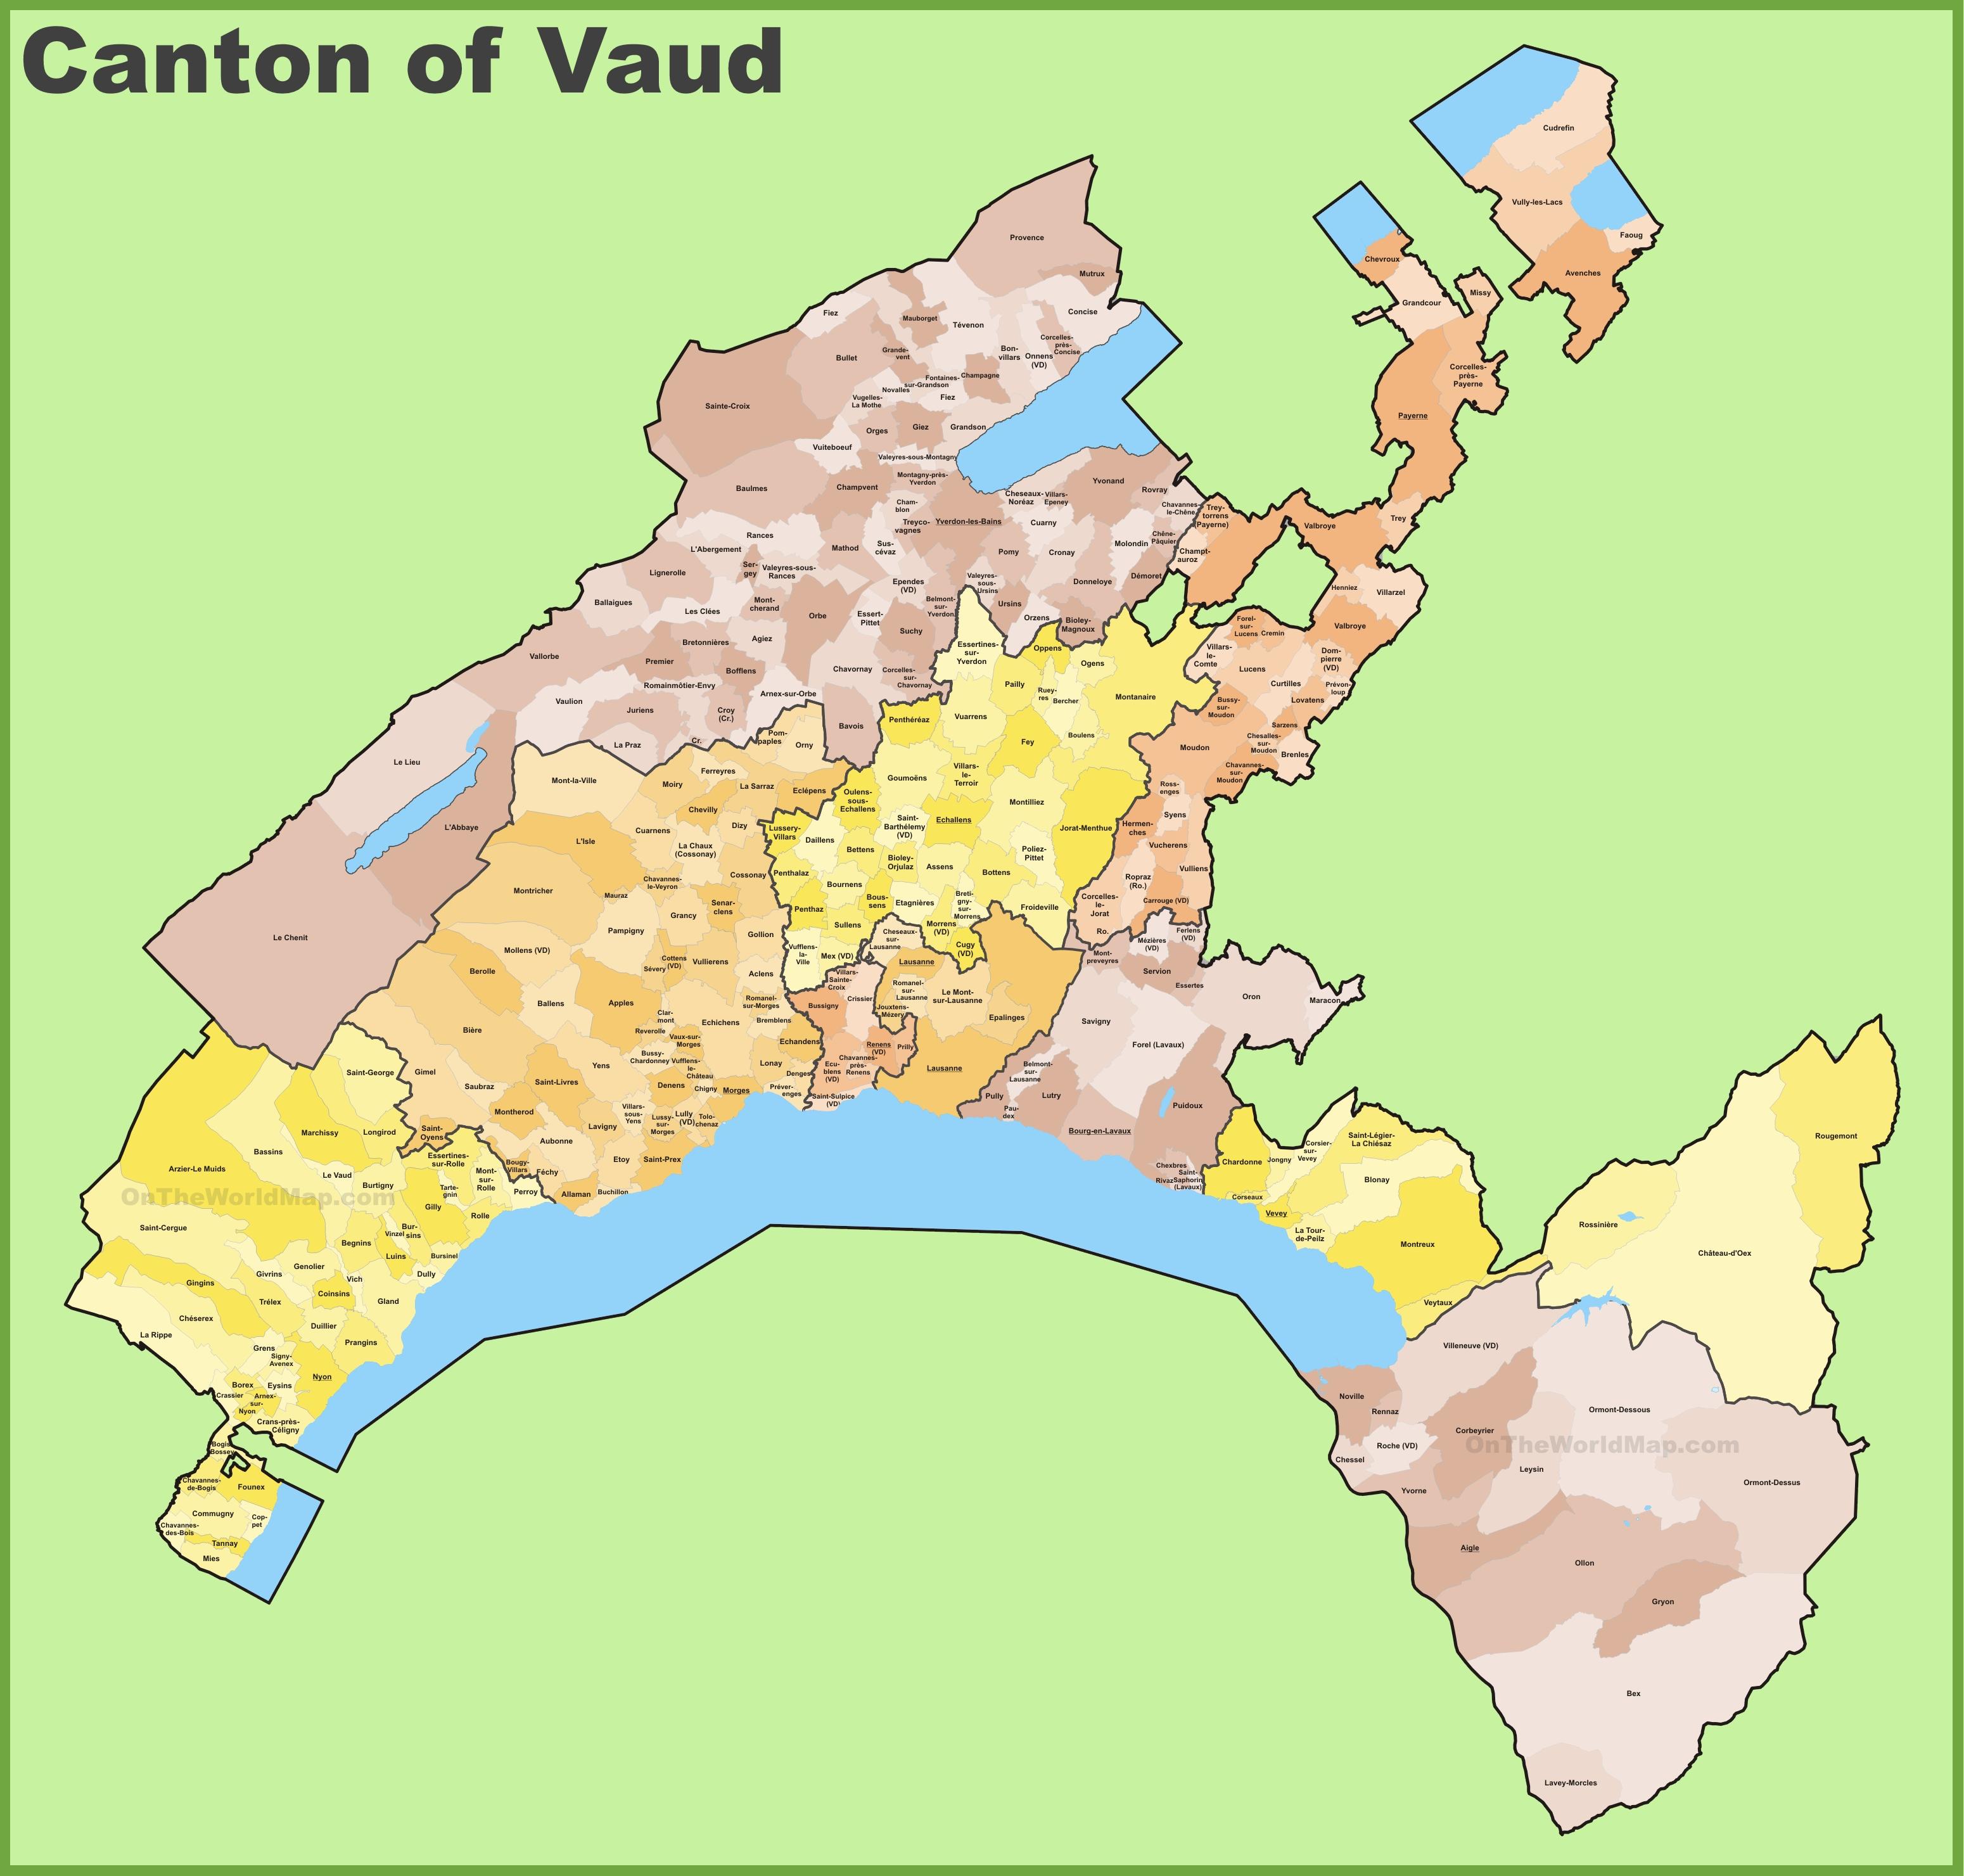 Canton of Vaud municipality map